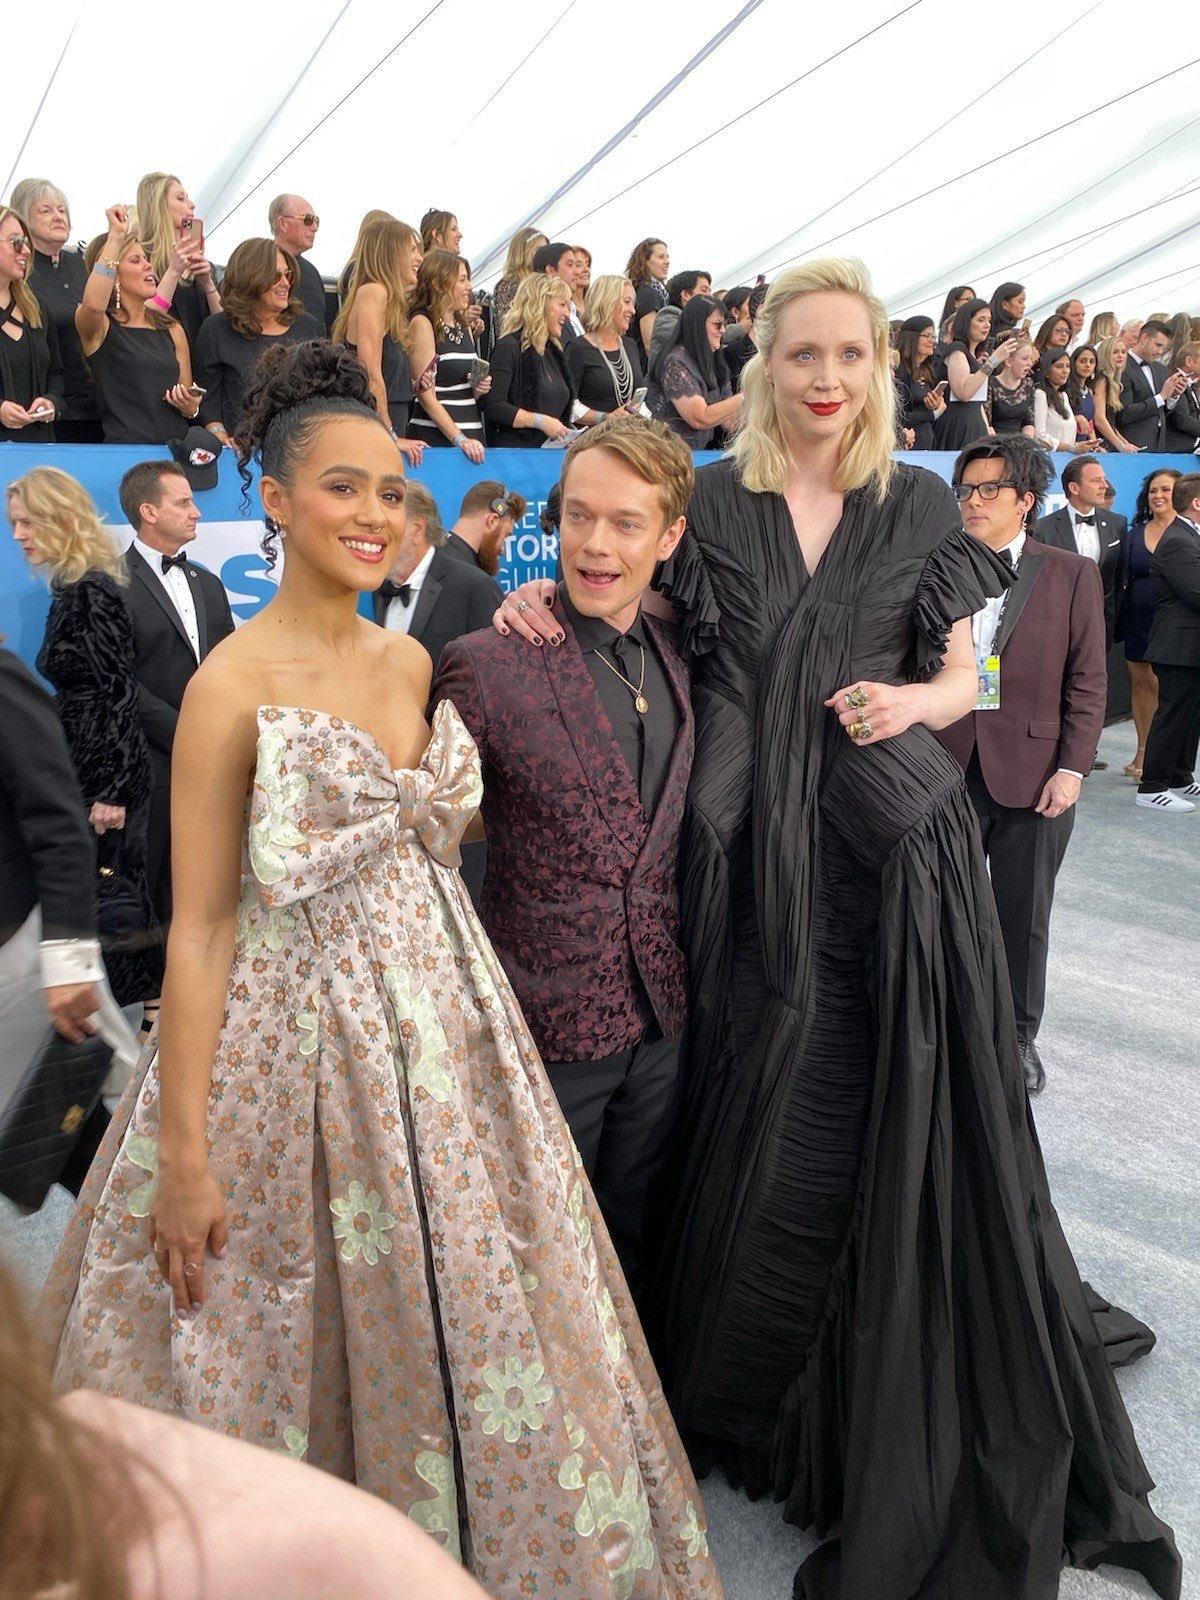 Nathalie Emmanuel, Alfie Allen, and Gwendoline Christie